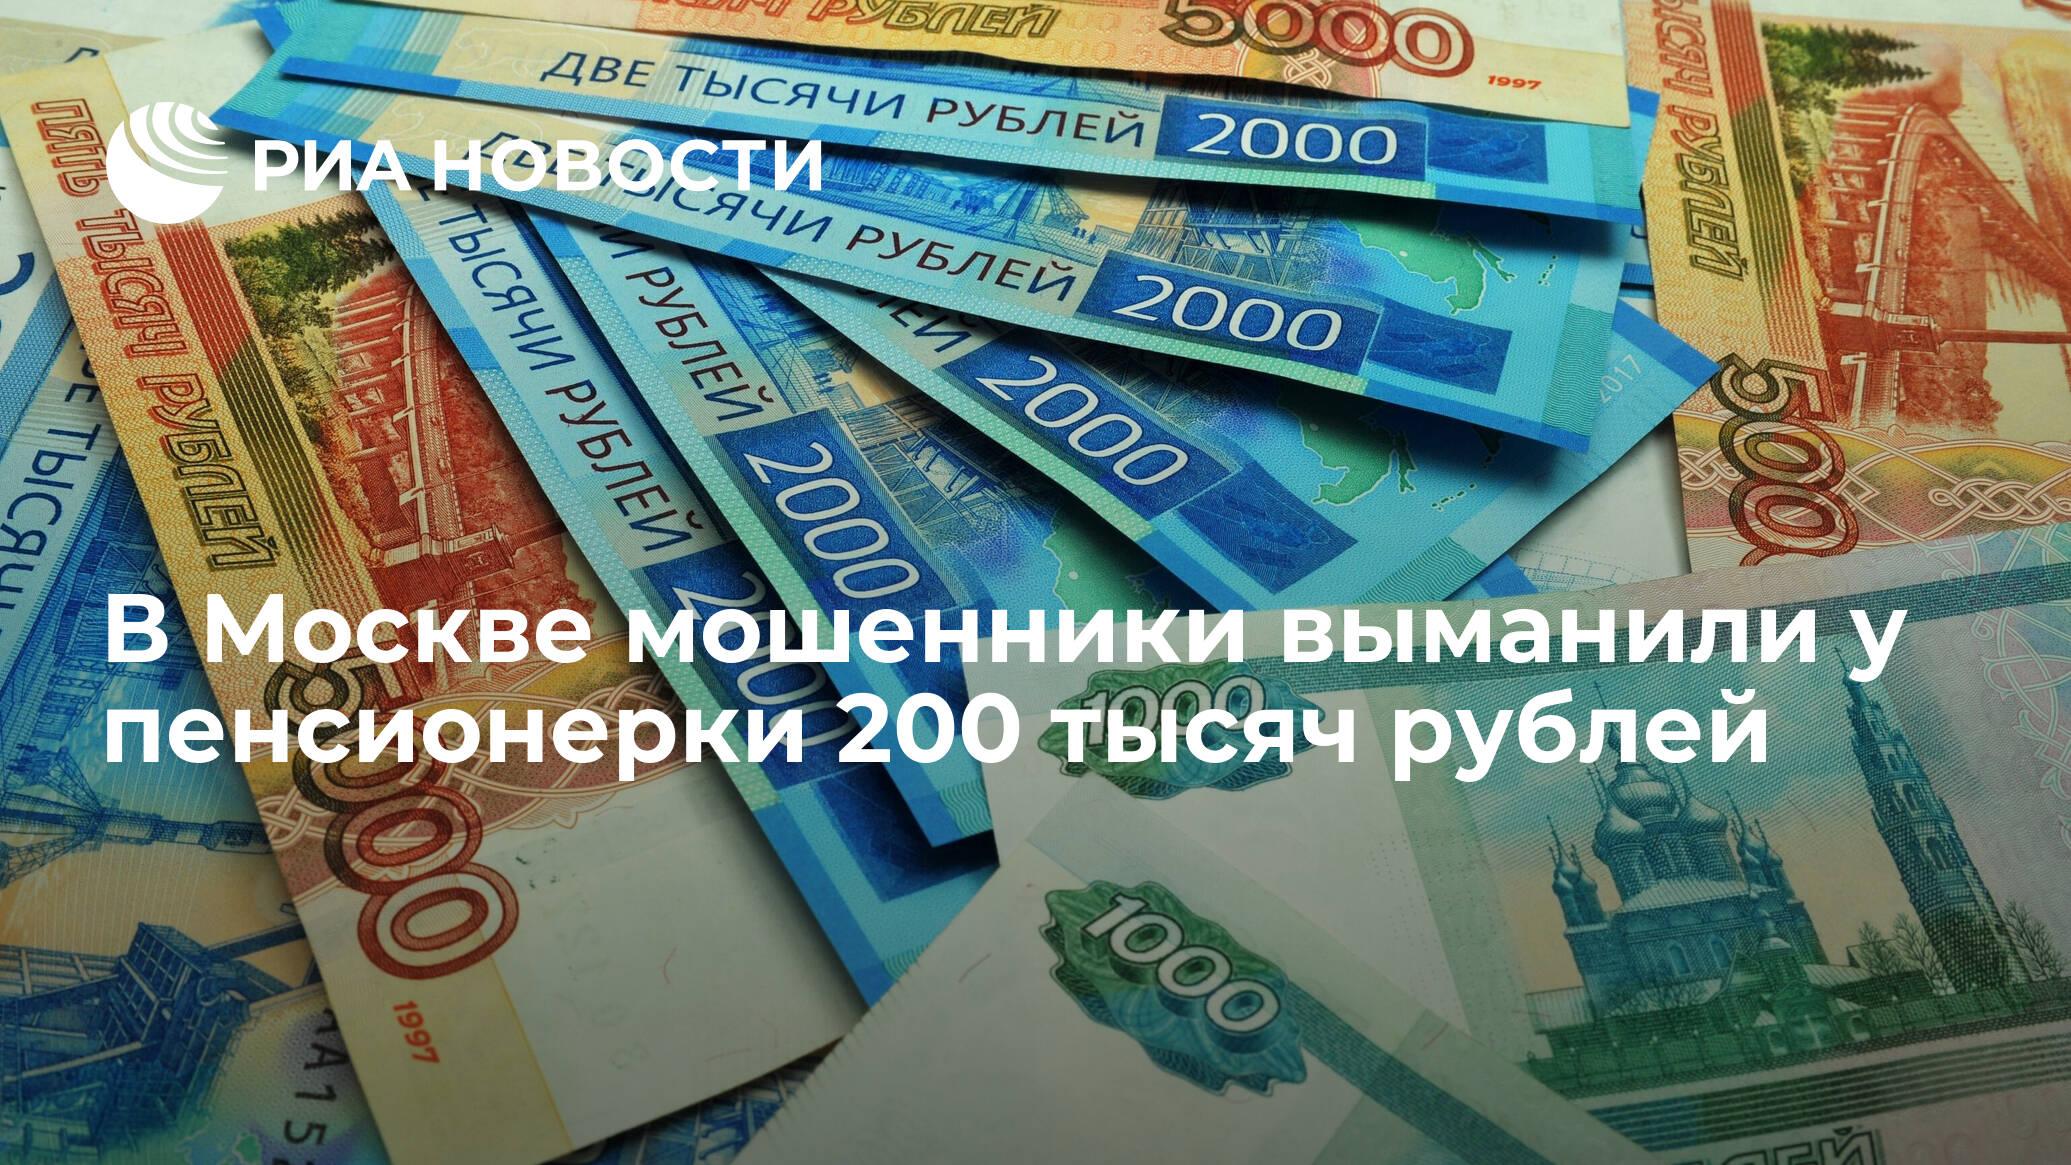 кредит 200 тысяч рублей рубль есть займ